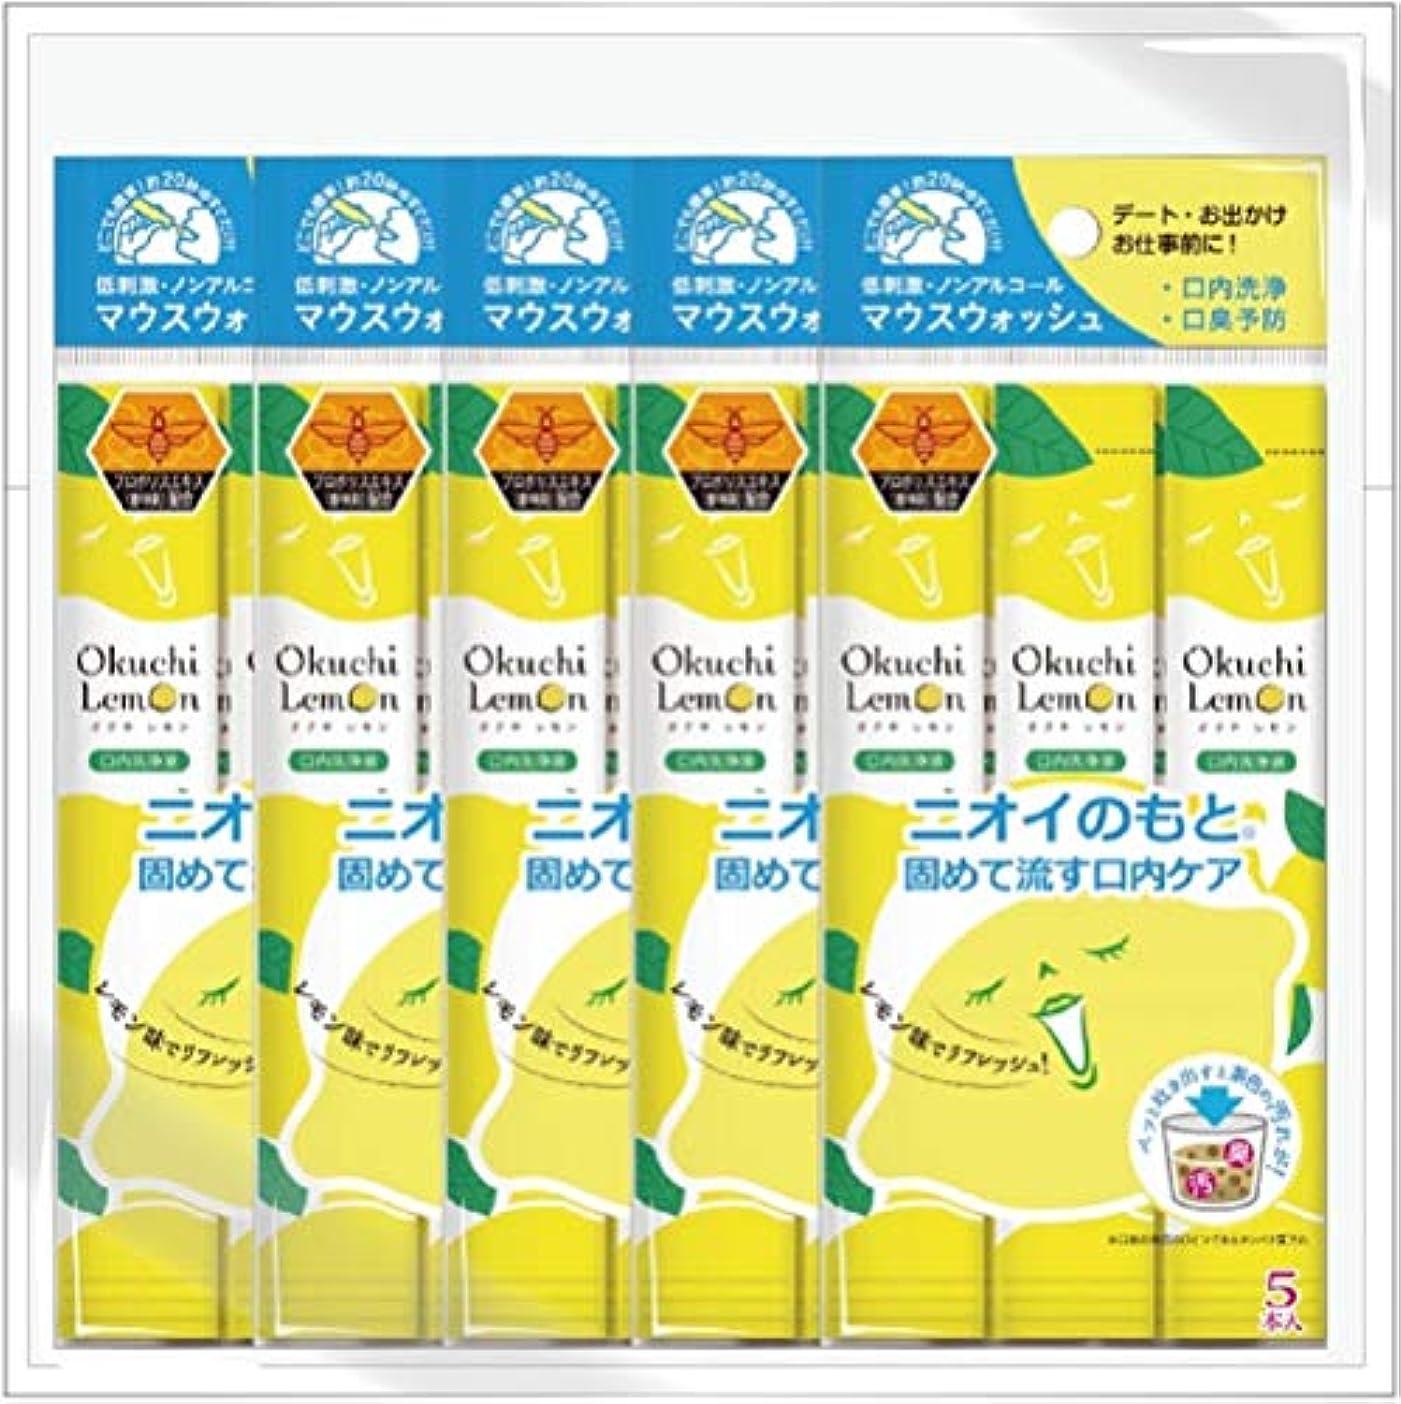 カナダ臨検インク口臭の原因除去マウスウォッシュ オクチレモン 5個セット(5本入り×5個)